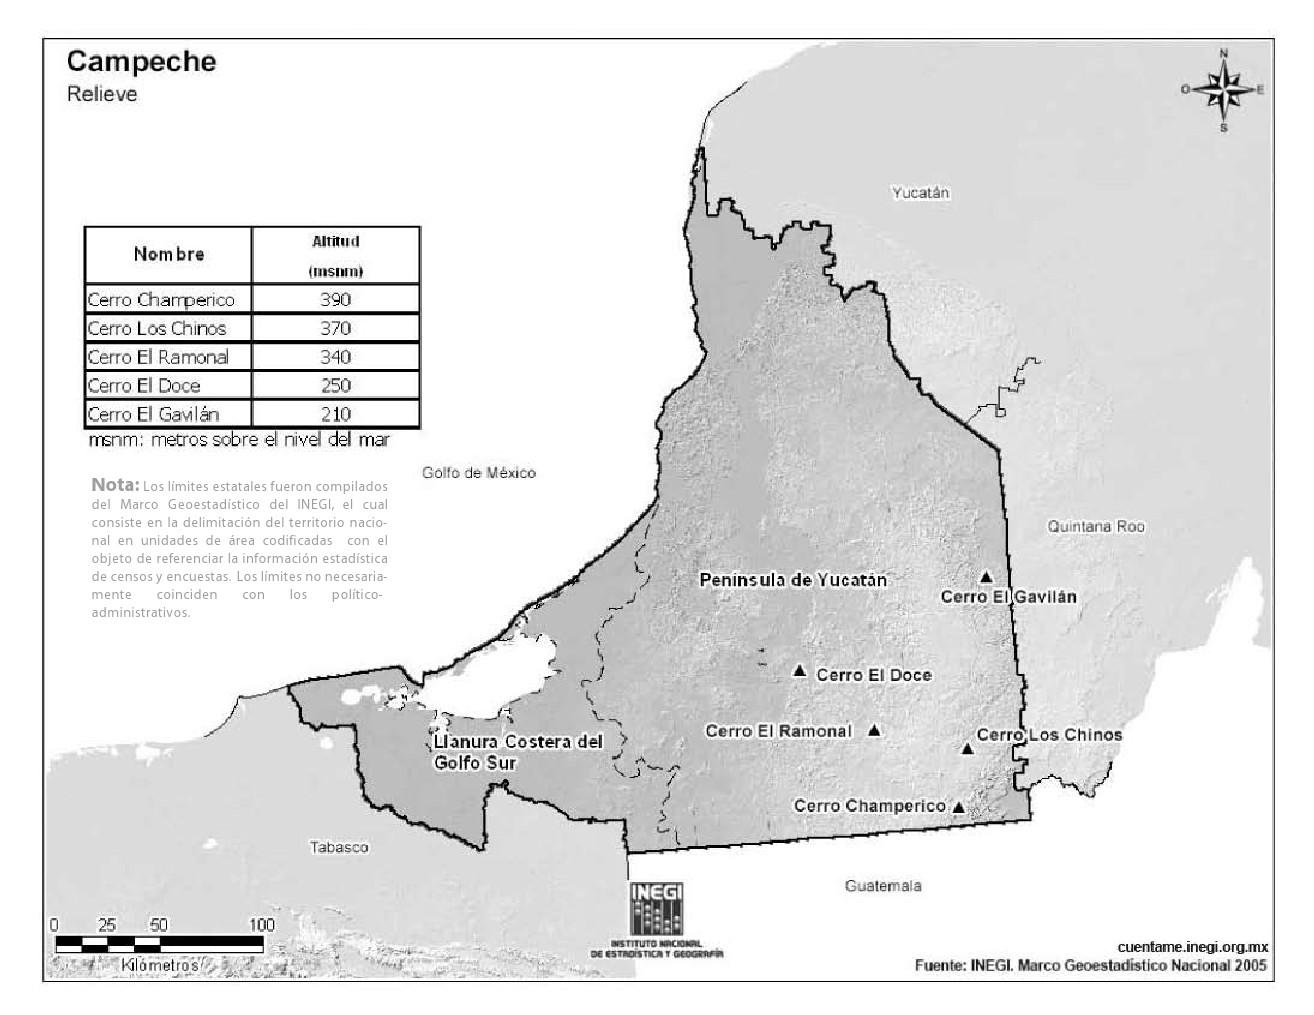 Mapa de montañas de Campeche. INEGI de México